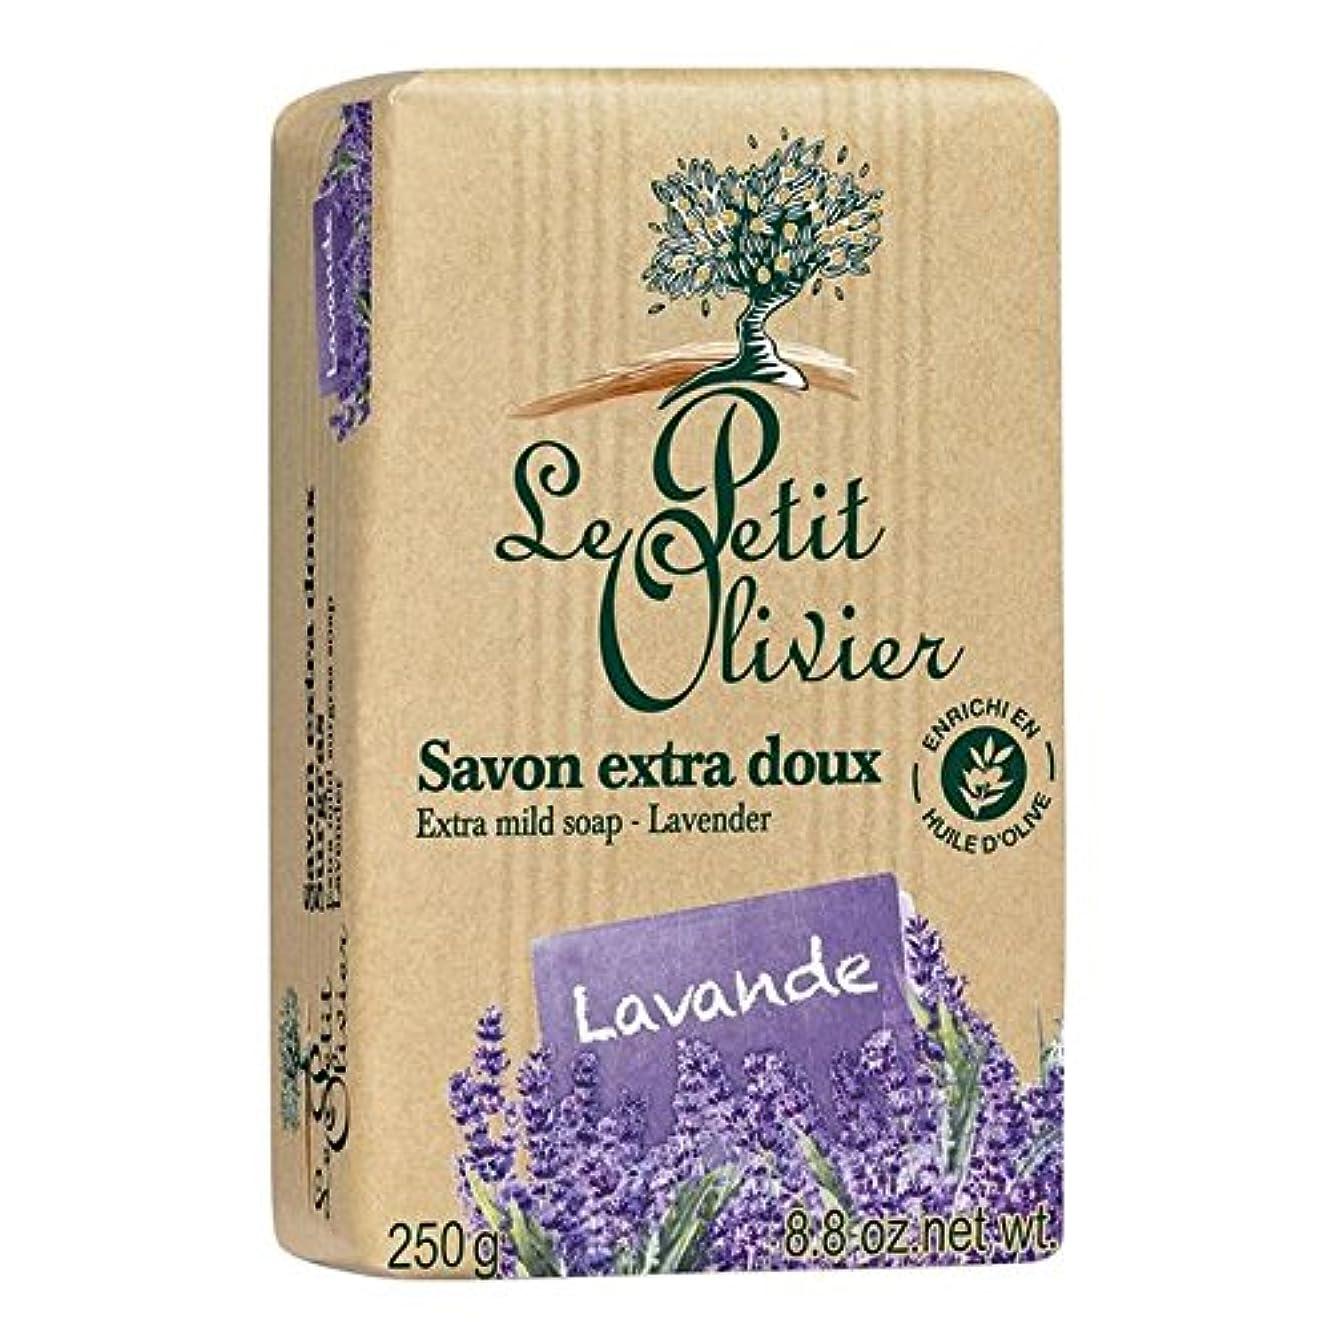 ル?プティ?オリヴィエ余分な穏やかなラベンダー石鹸250グラム x4 - Le Petit Olivier Extra Mild Lavender Soap 250g (Pack of 4) [並行輸入品]